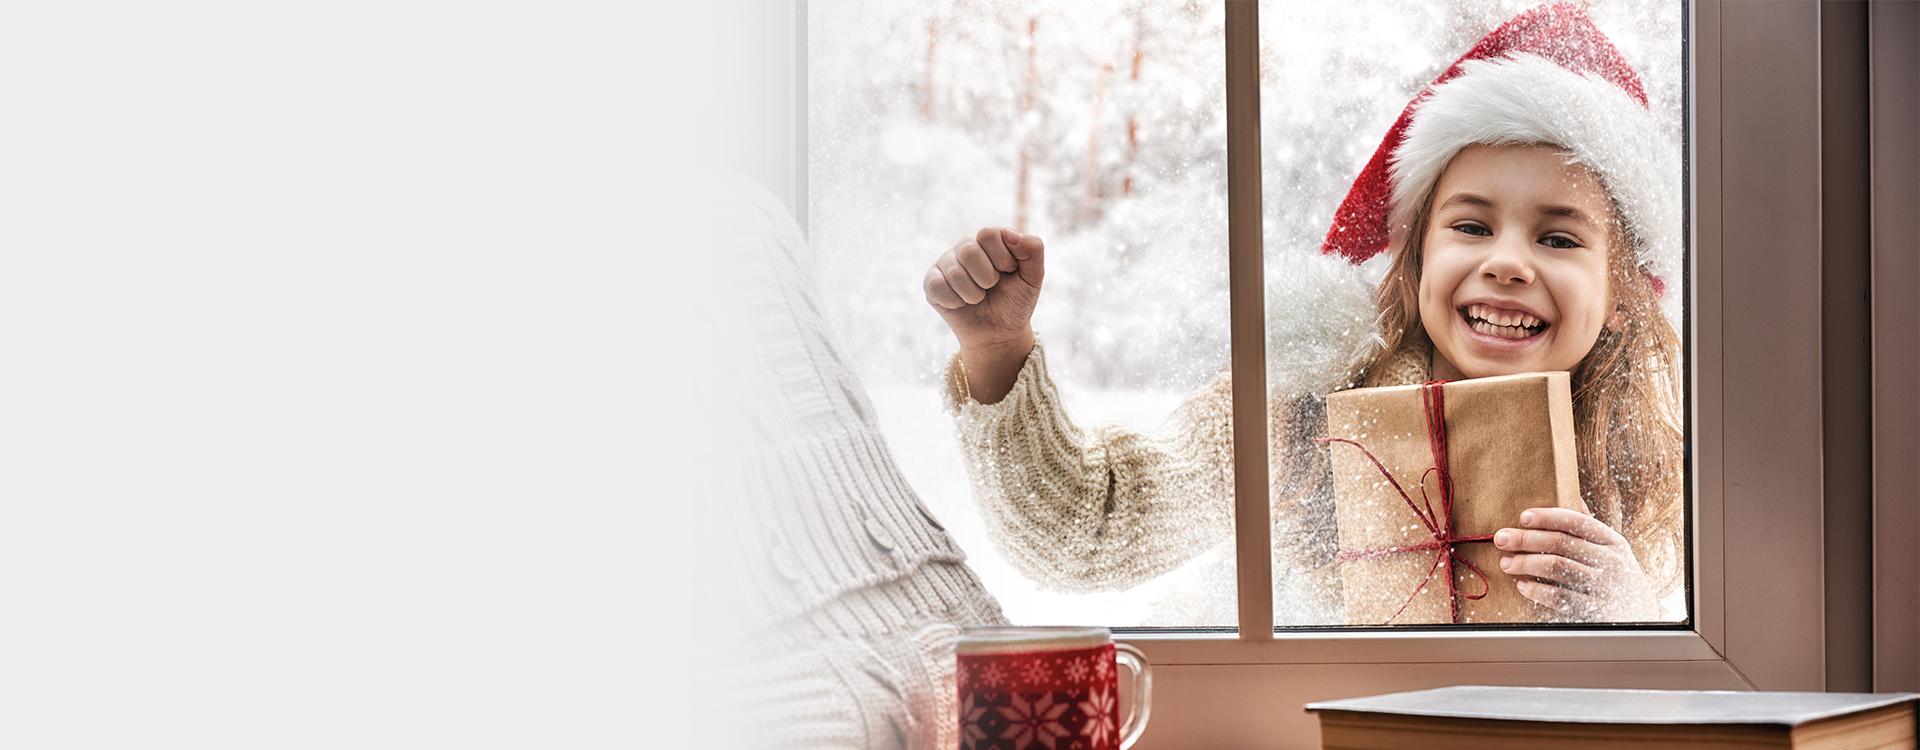 thor marketing: Weihnachtswerbung